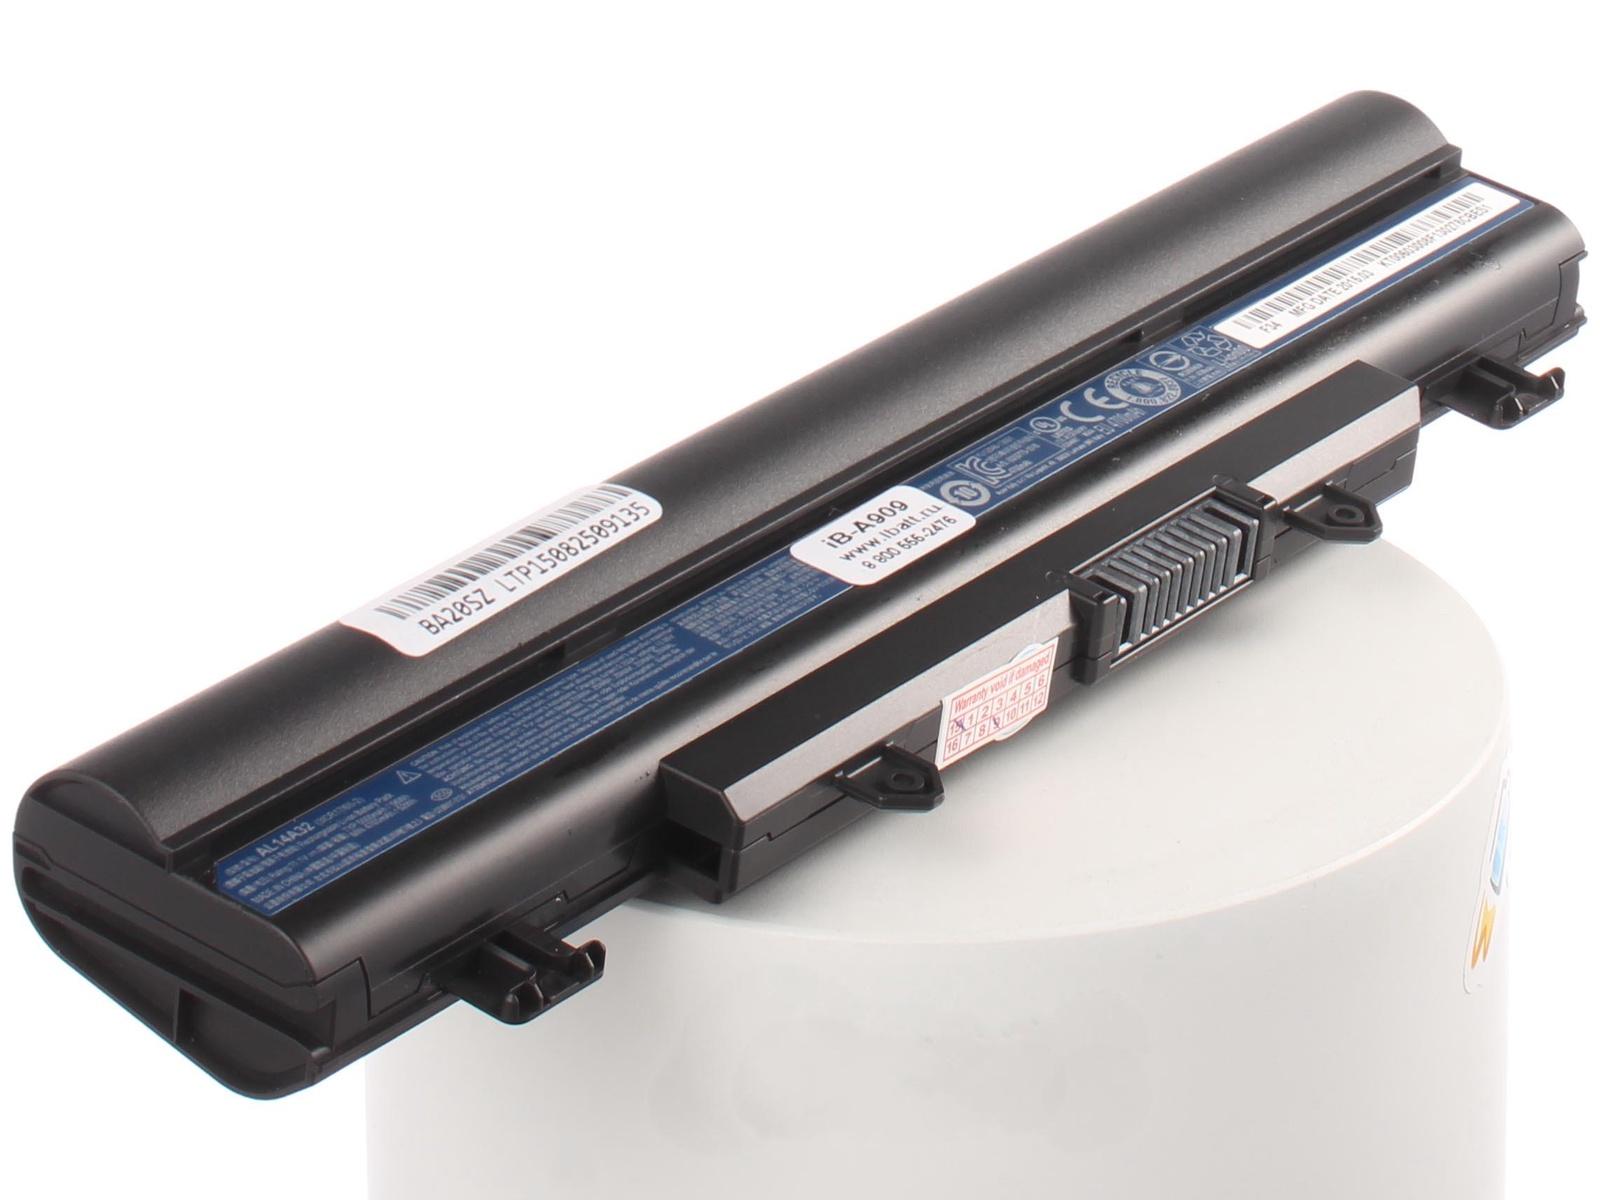 Аккумулятор для ноутбука iBatt для Acer Aspire E5-531, Extensa 2510G-365E, Aspire V3-572G-72PX, TravelMate P256-MG, ASPIRE E5-521-43J1, Aspire E5-521G-81MG, Aspire E5-551G-T2LT, ASPIRE E5-511G-C2TA, Aspire E5-571G-34SL acer aspire e5 573 331j